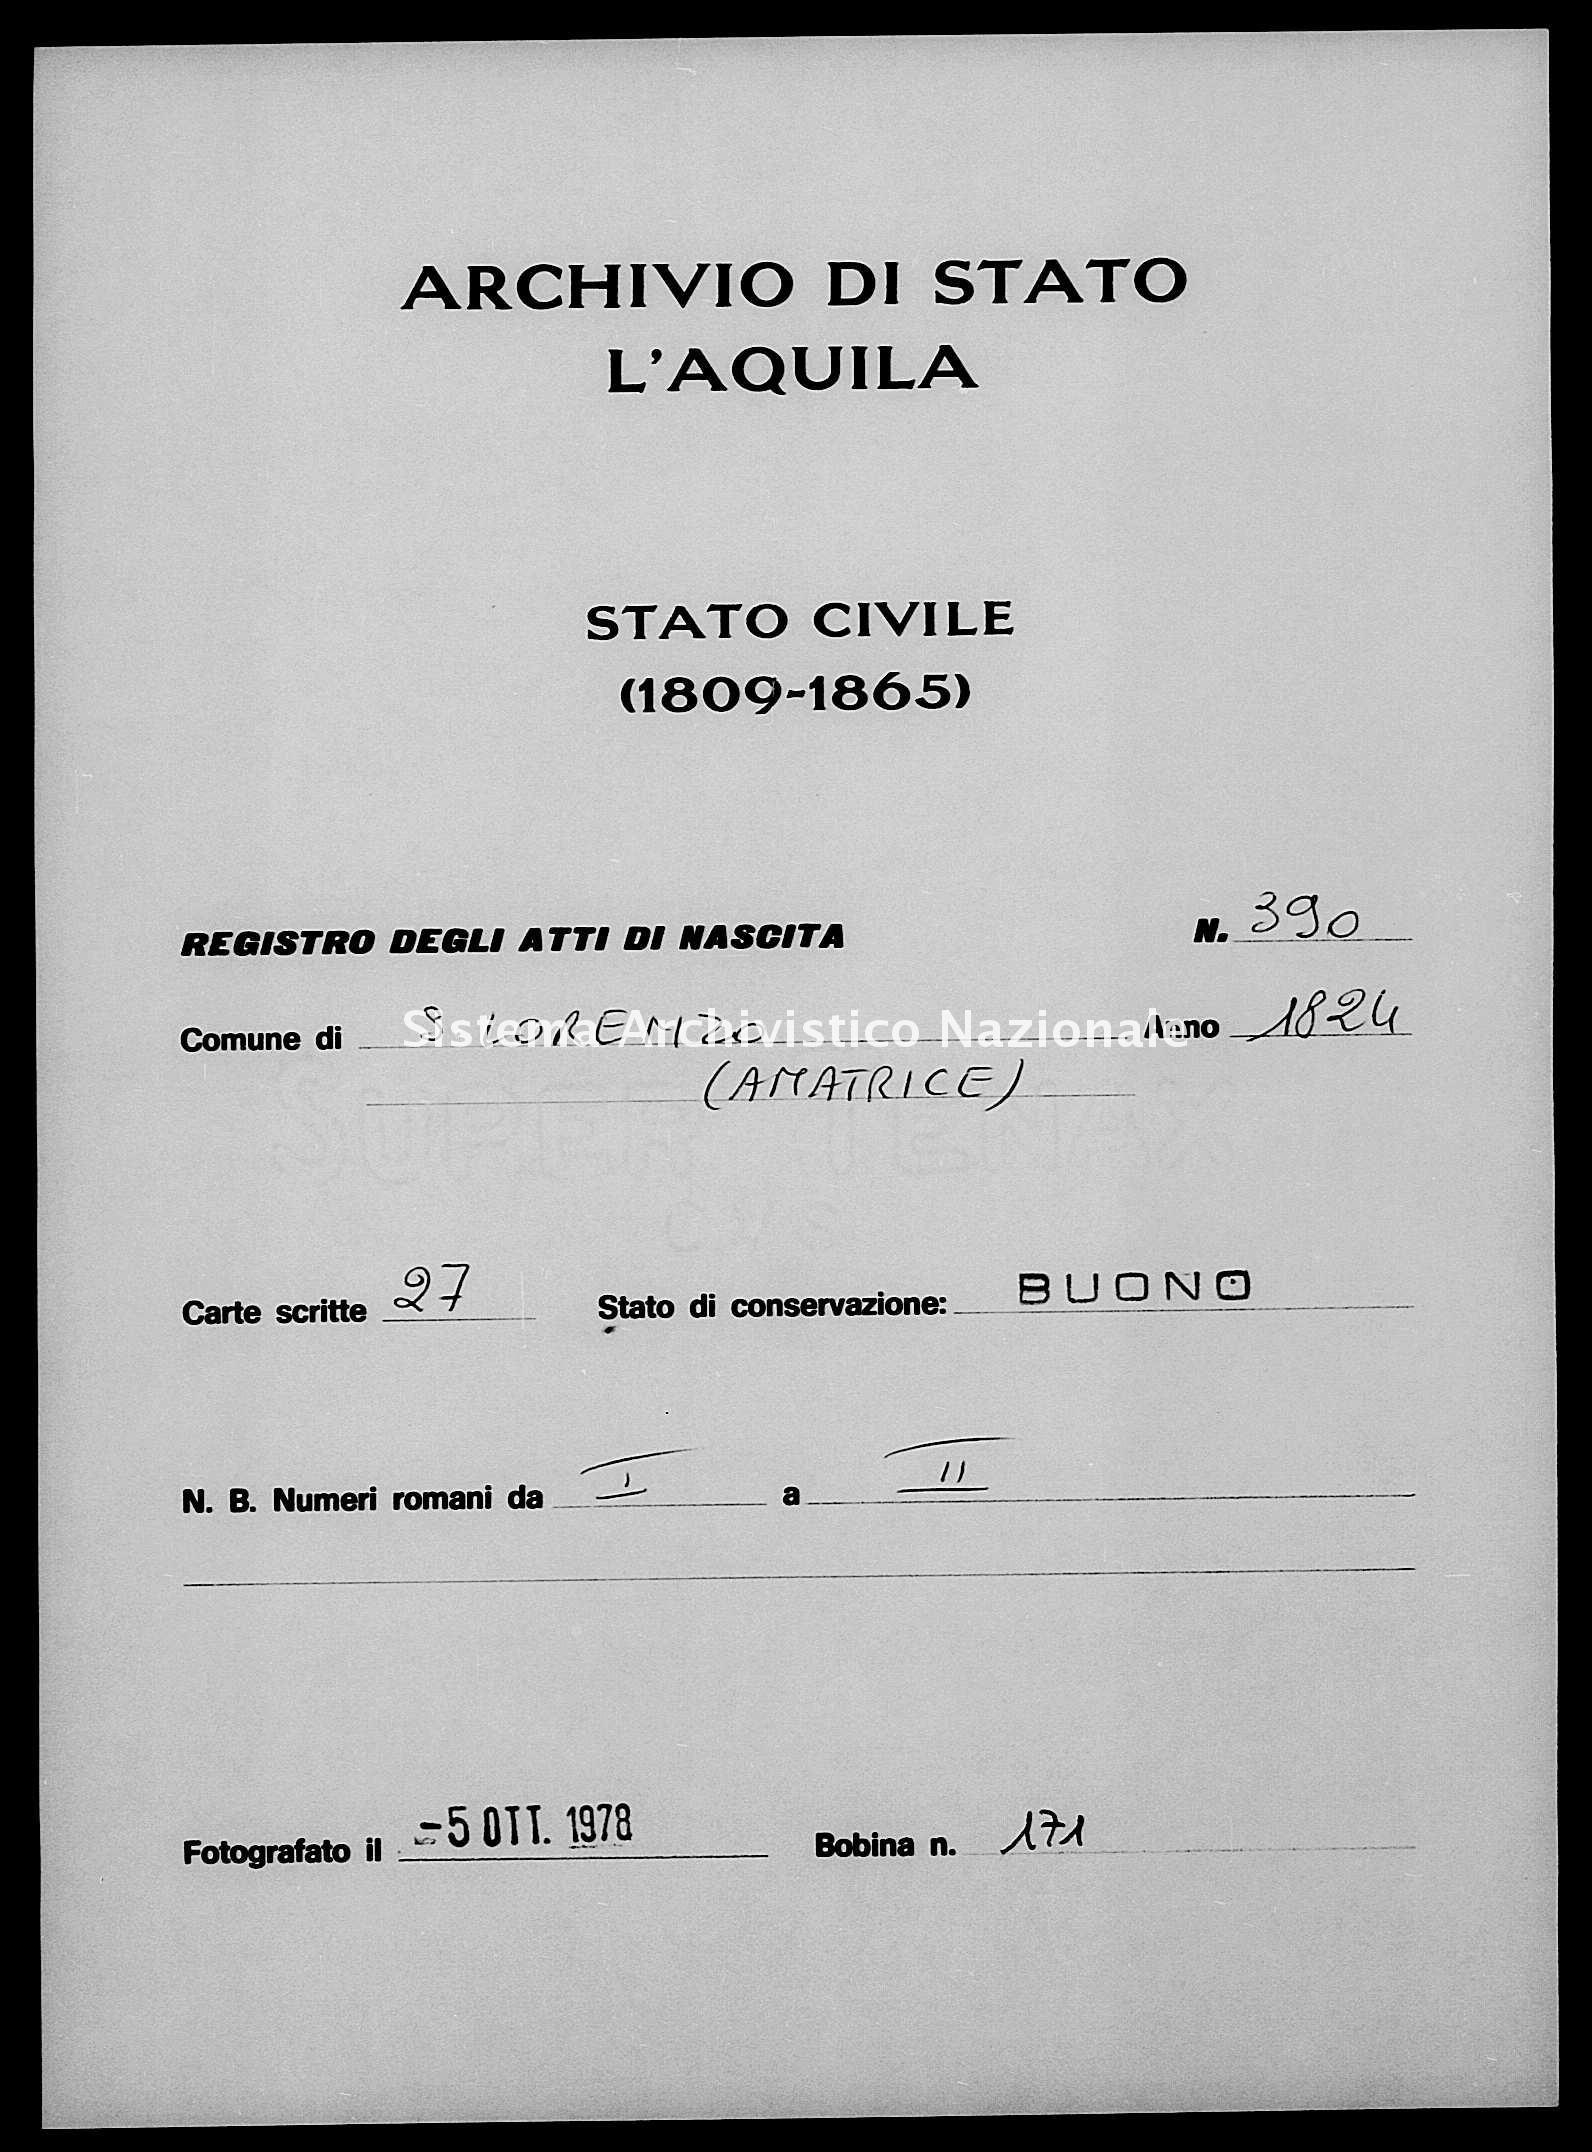 Archivio di stato di L'aquila - Stato civile della restaurazione - San Lorenzo - Nati - 1824 - 390 -